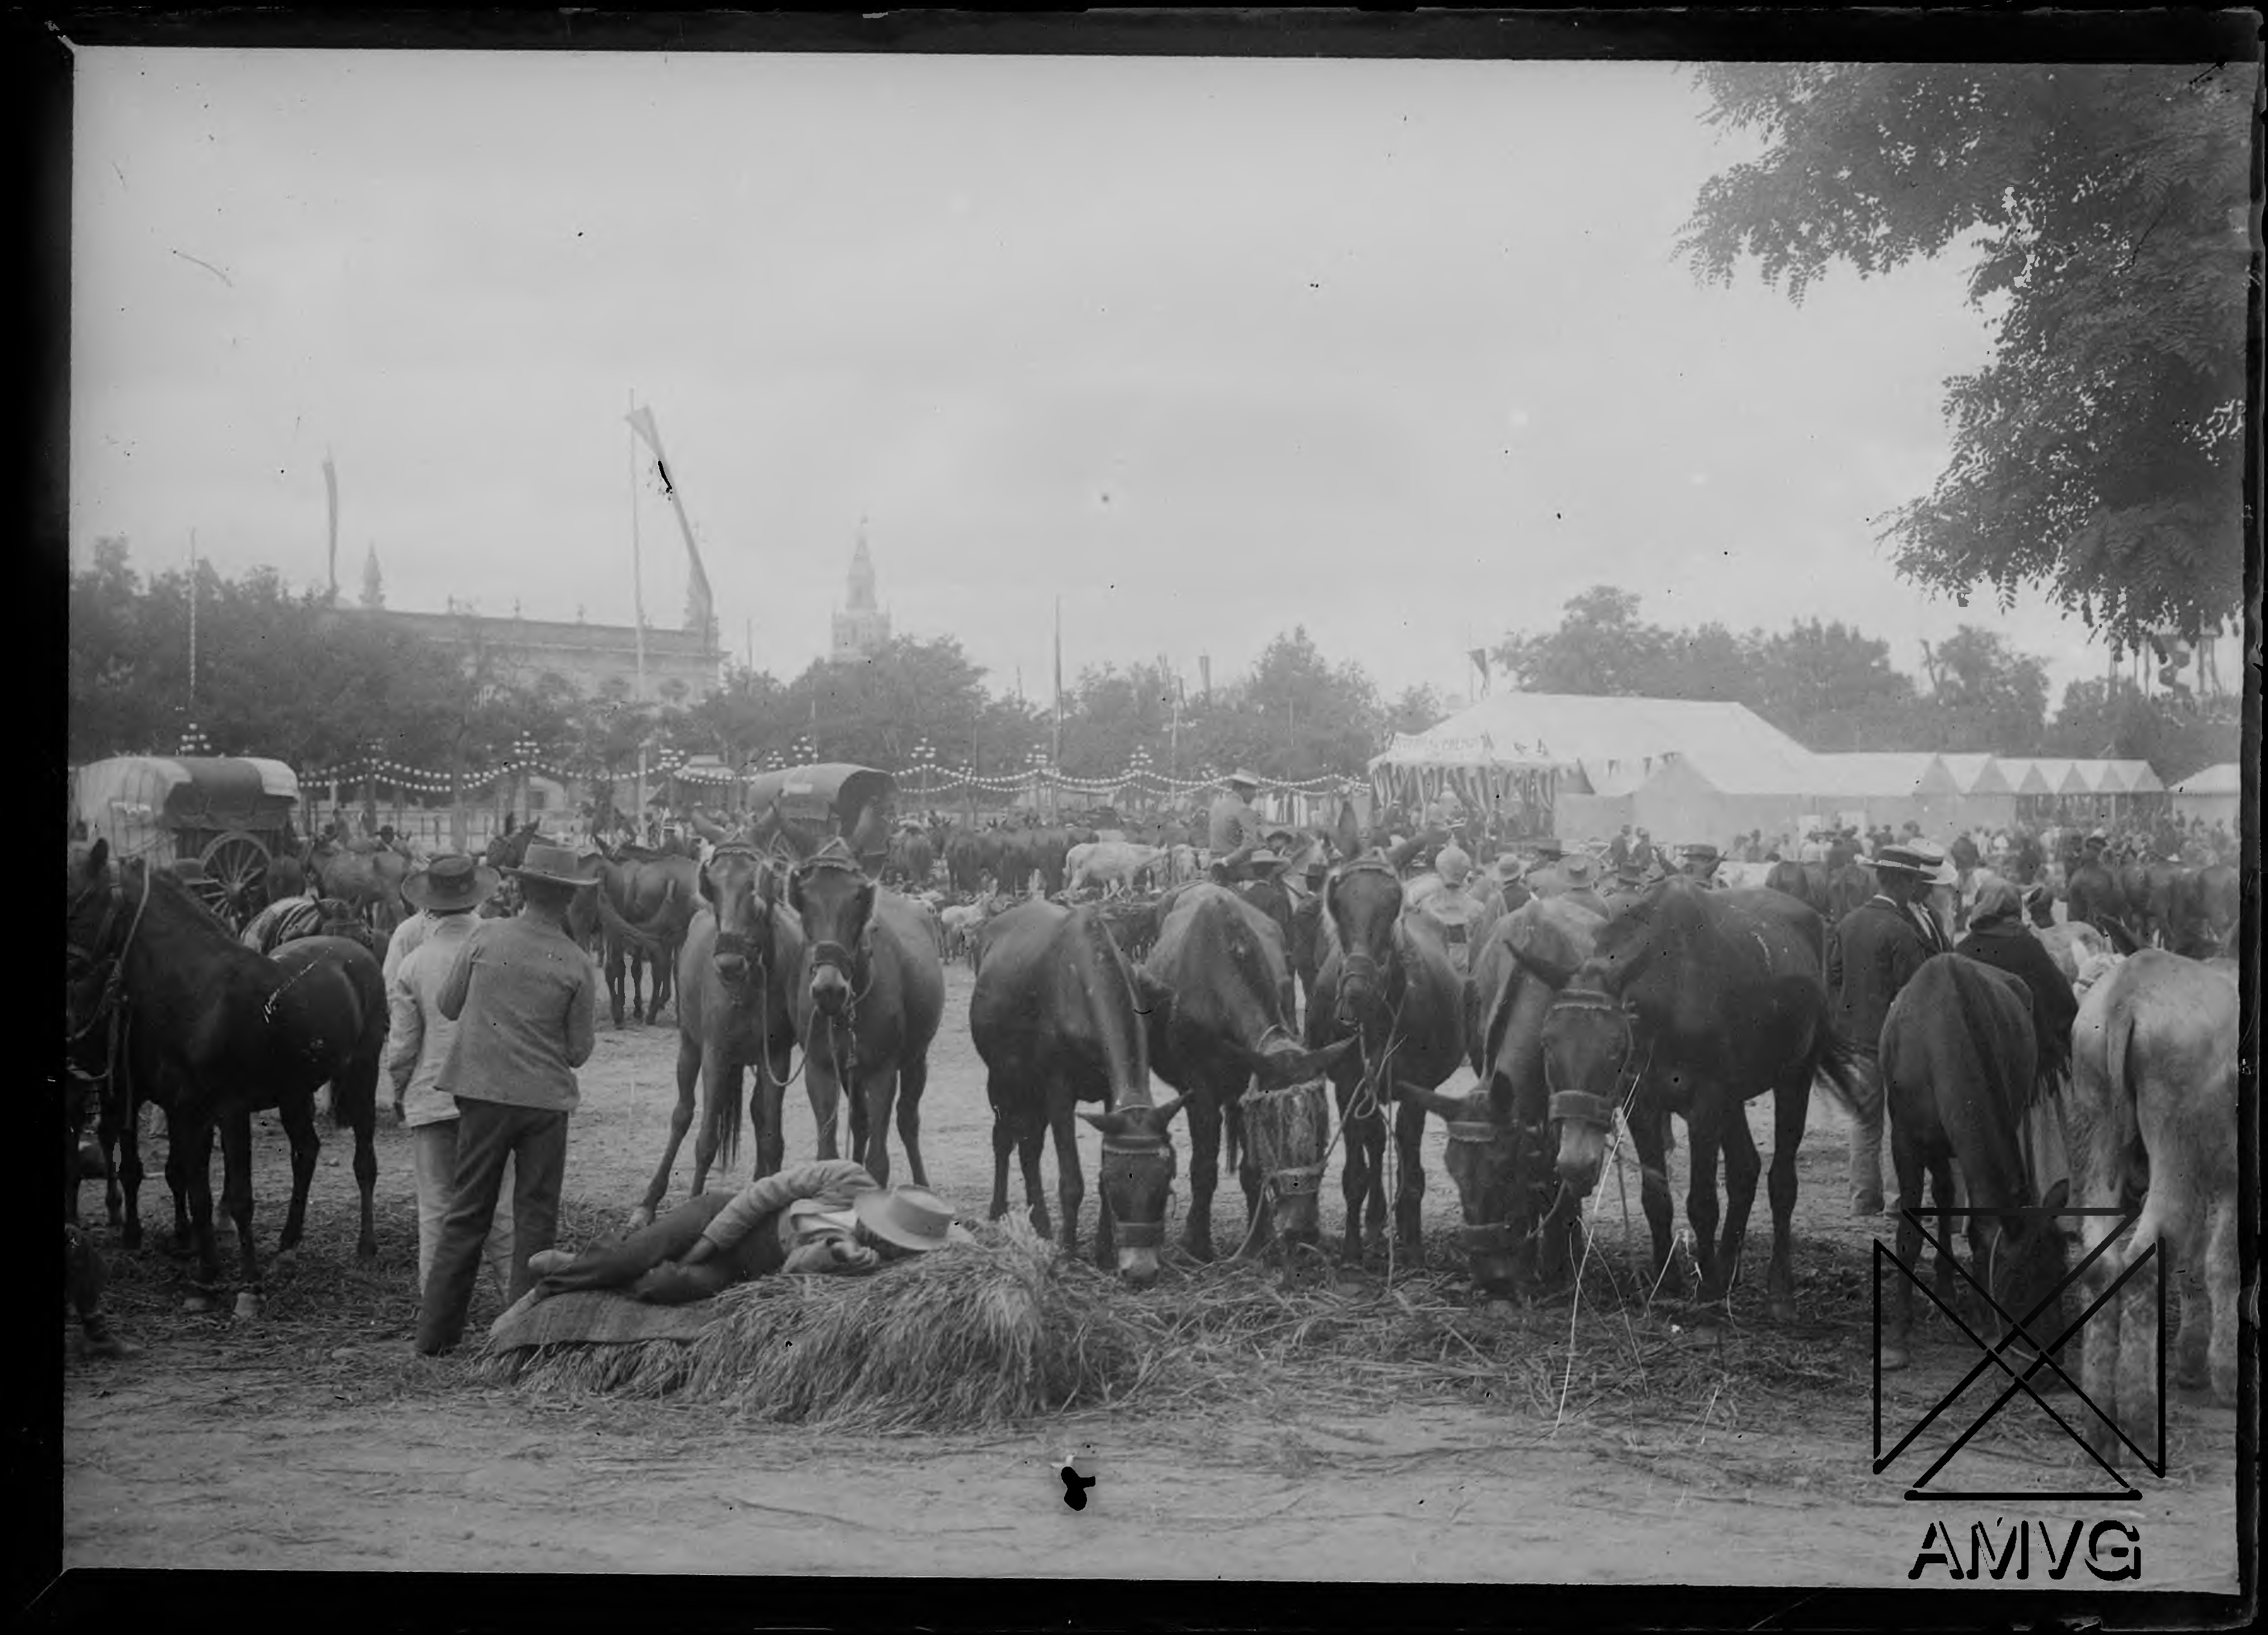 Hilera de caballos y público en la Feria de Sevilla